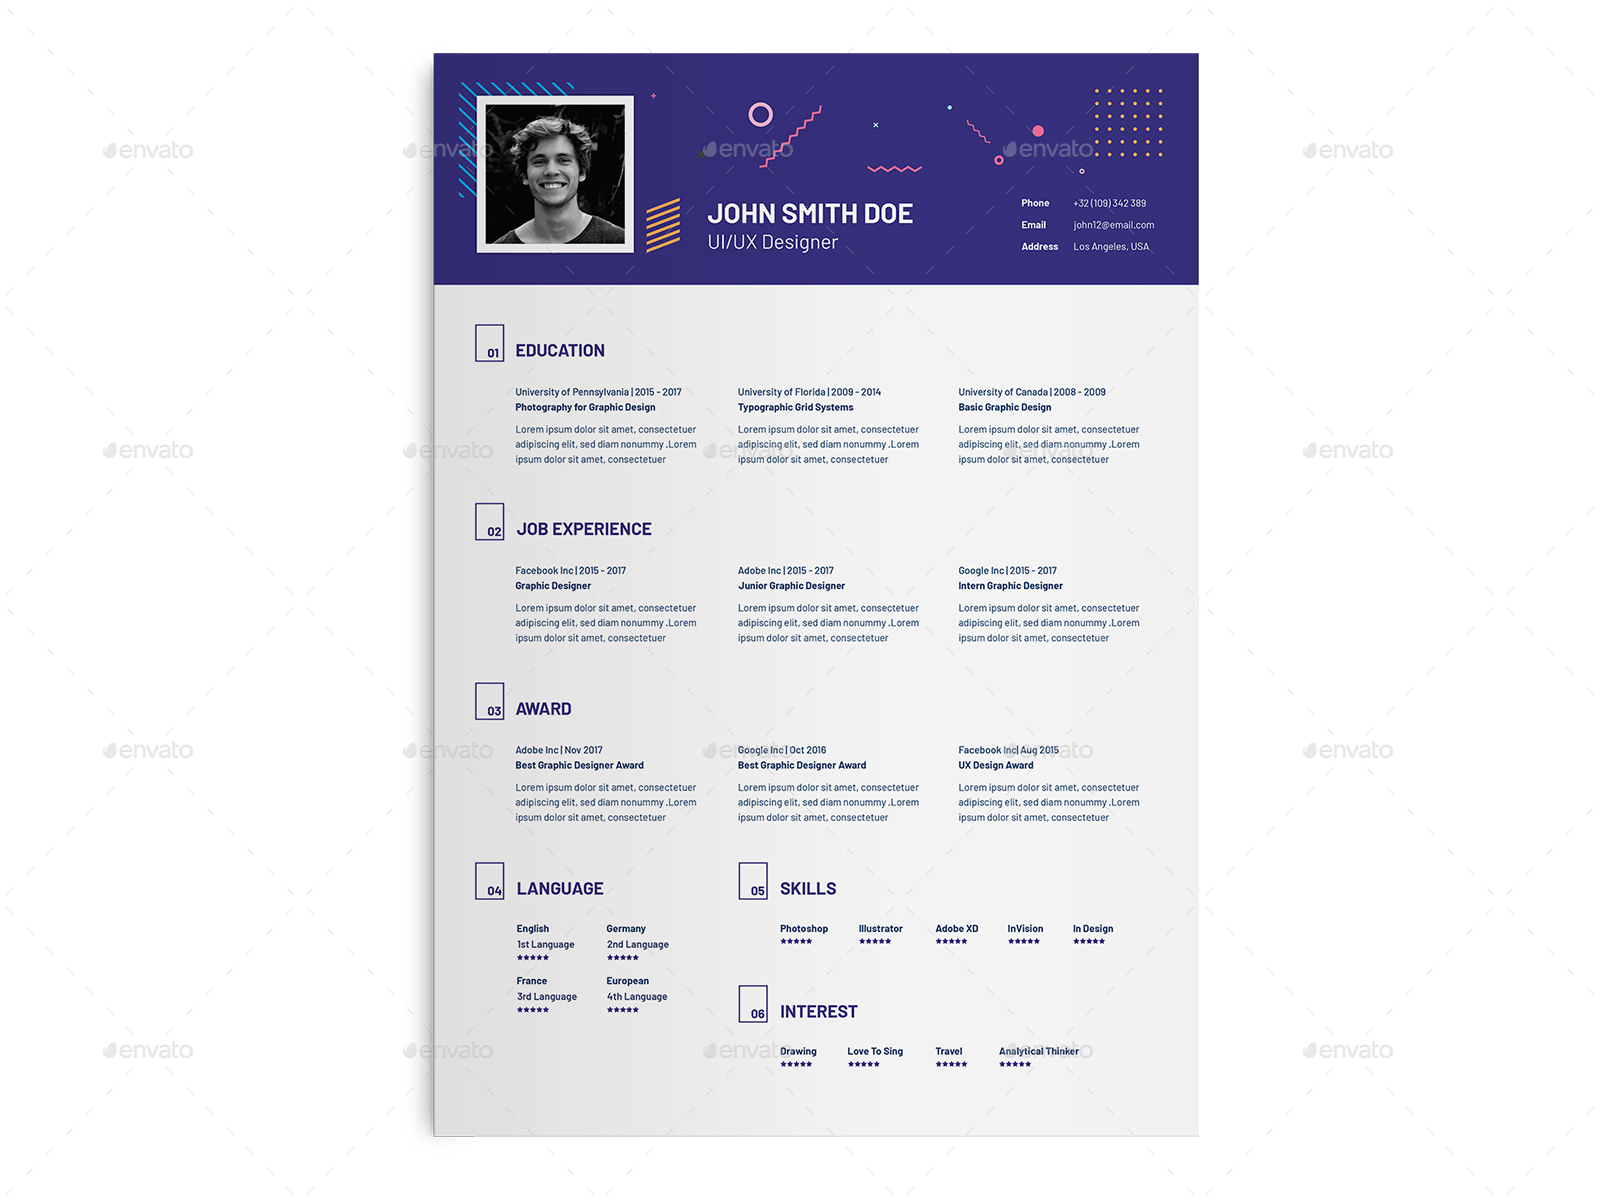 UI UX Designer Resume Template